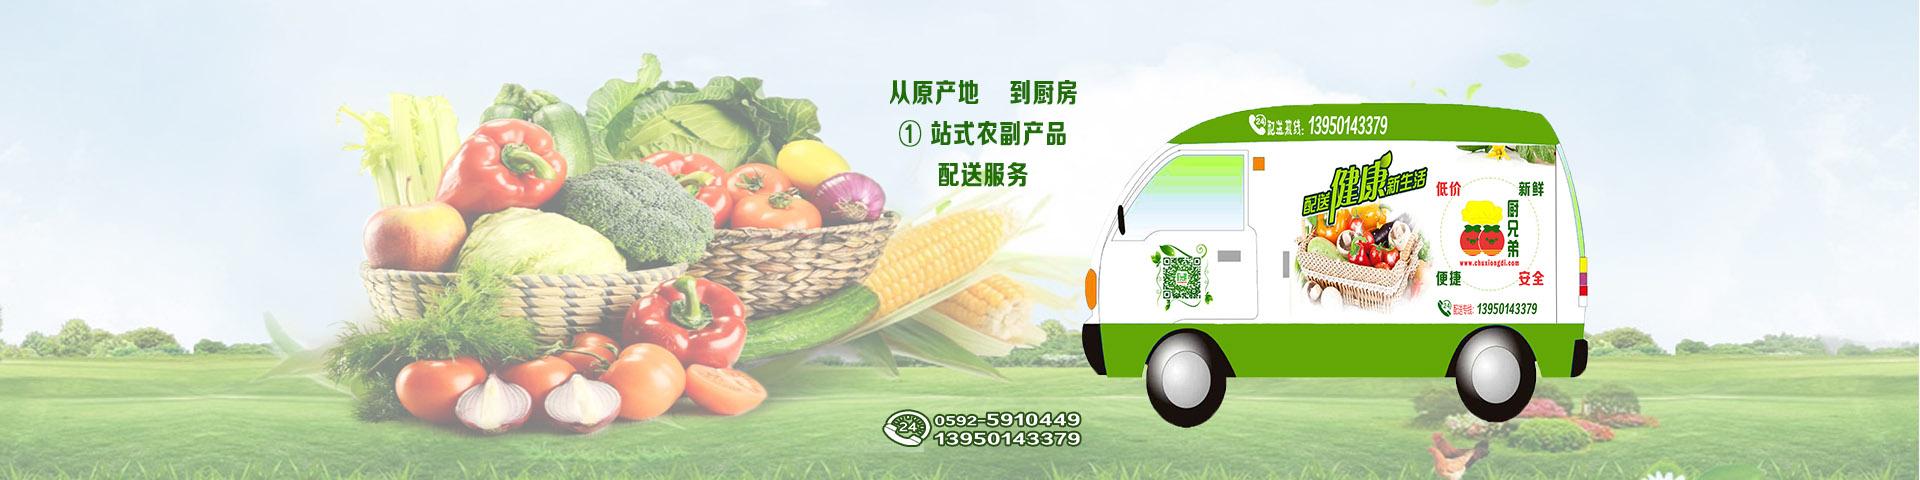 从原产地到厨房 1站式农副产品配送服务